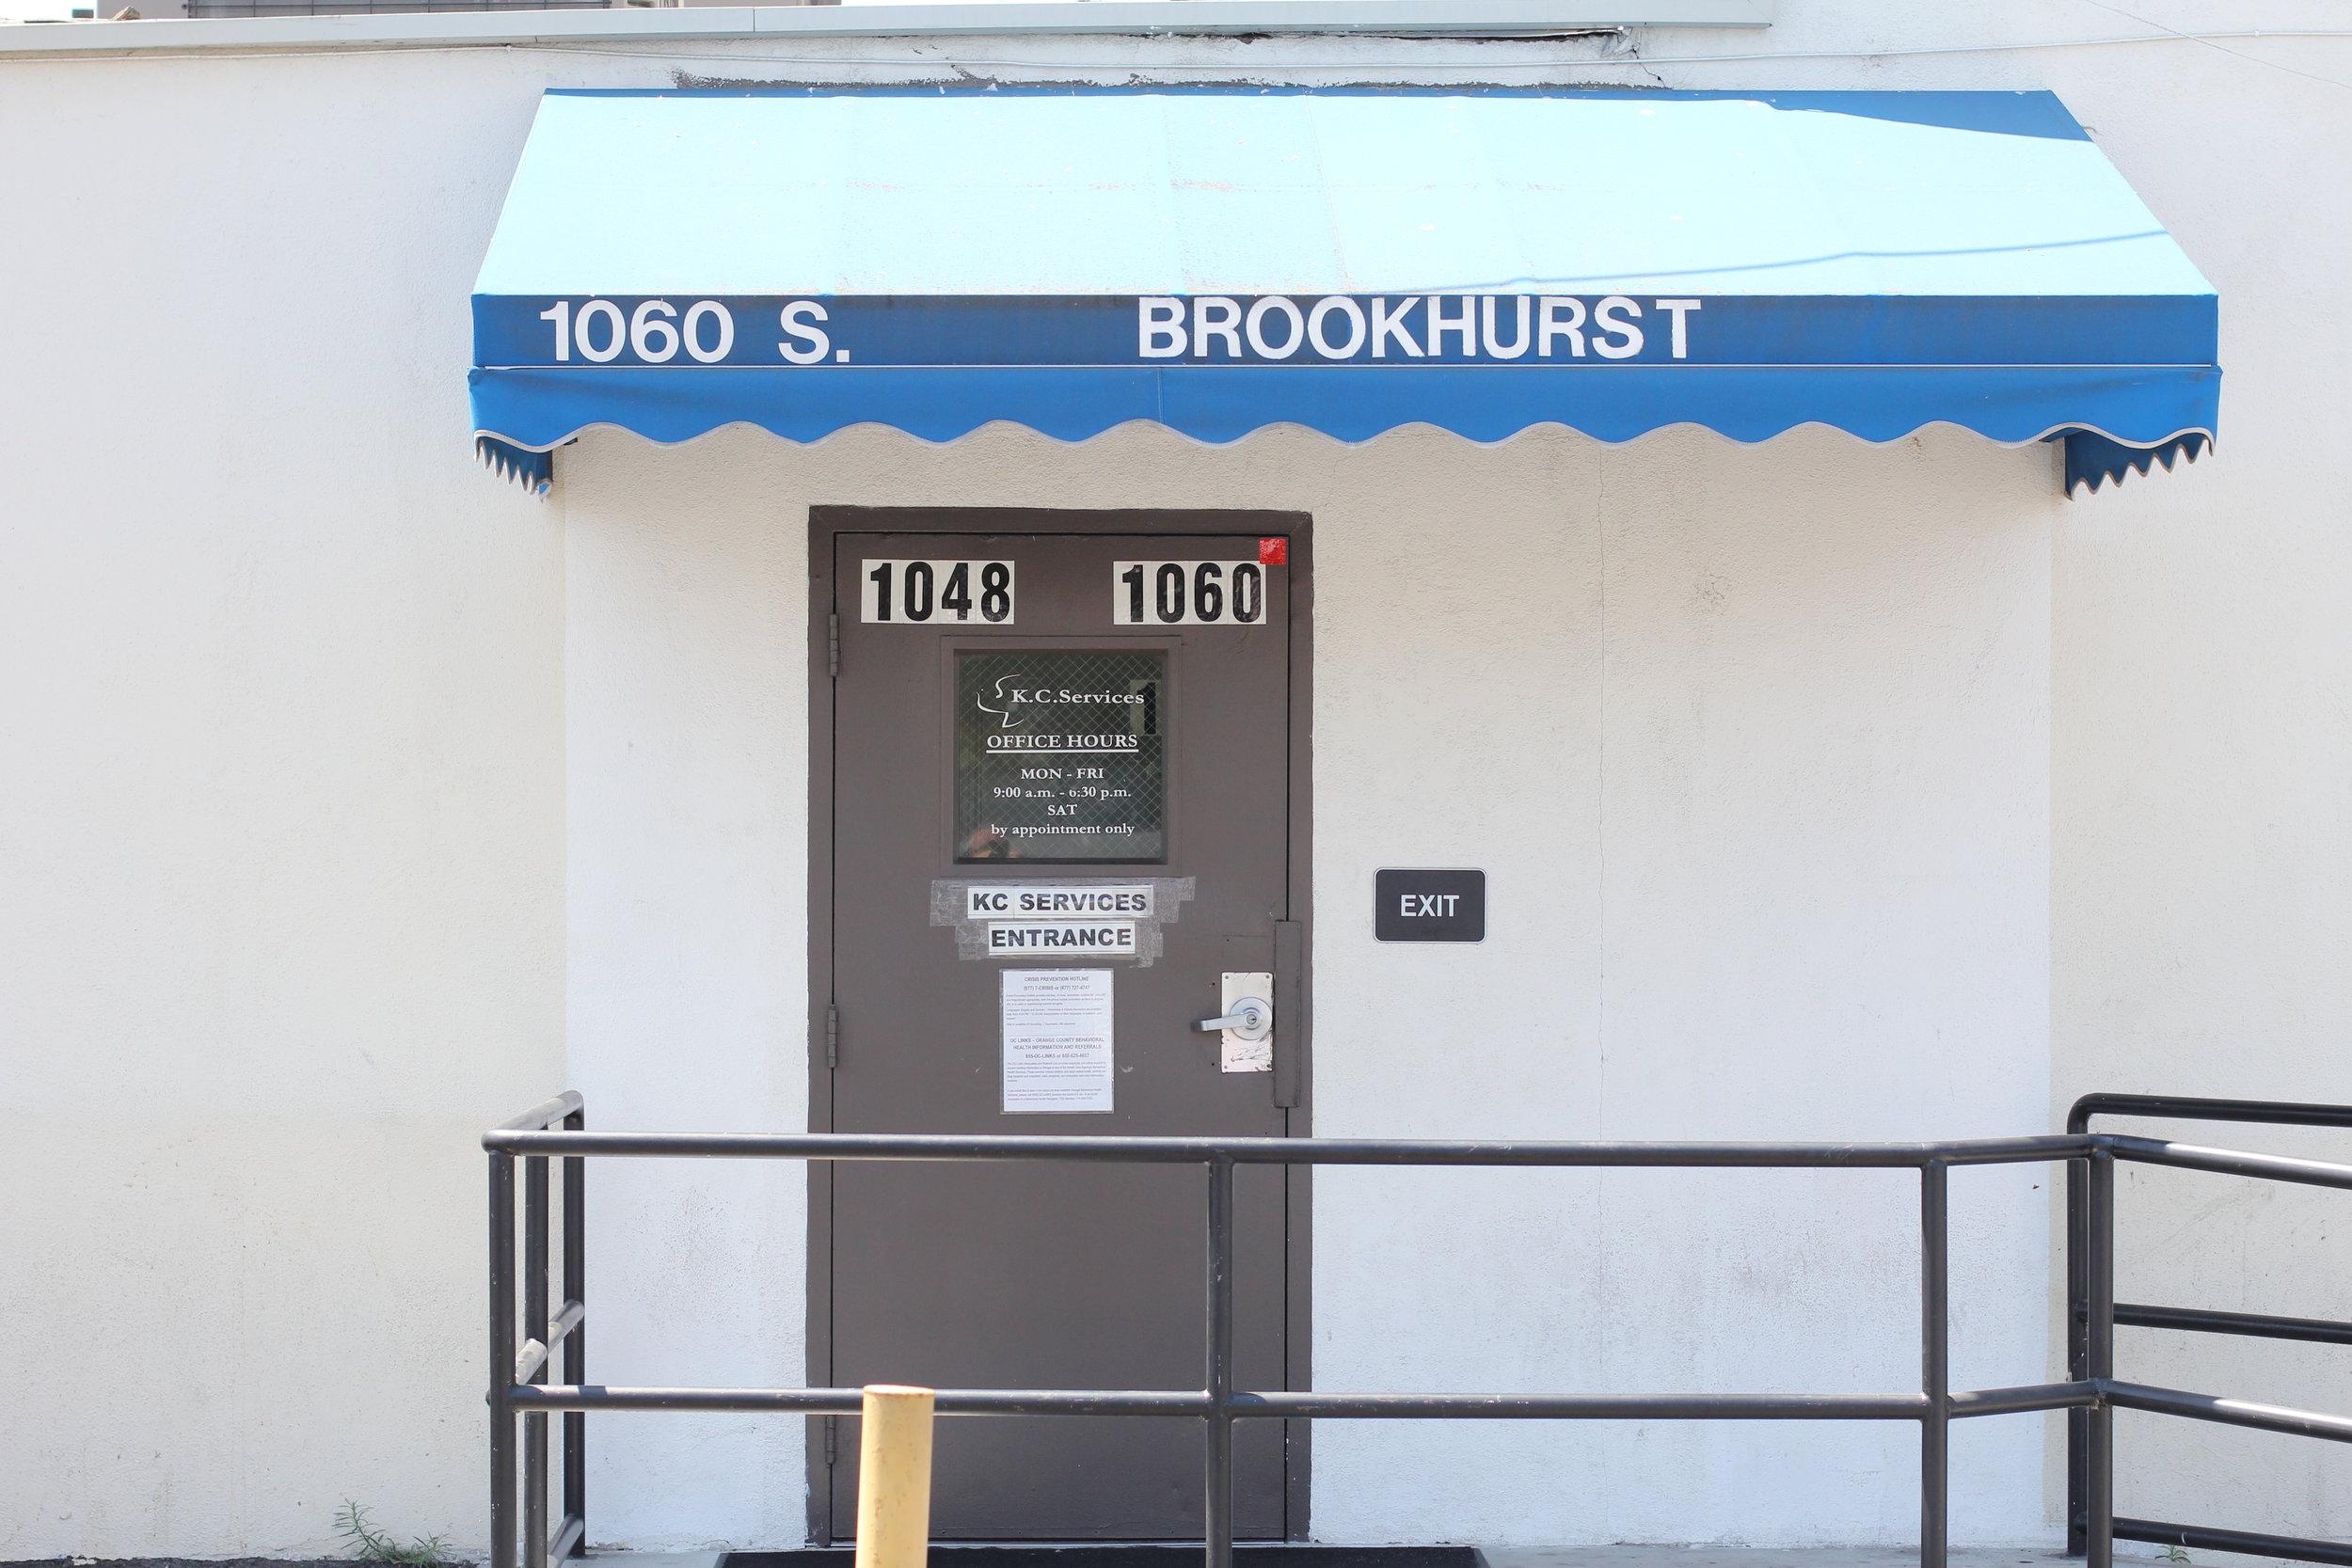 Fullerton Office  1060 S. Brookhurst Rd. Fullerton, CA 92833 Phone: 714.449.1339 Fax: 714.449.1289